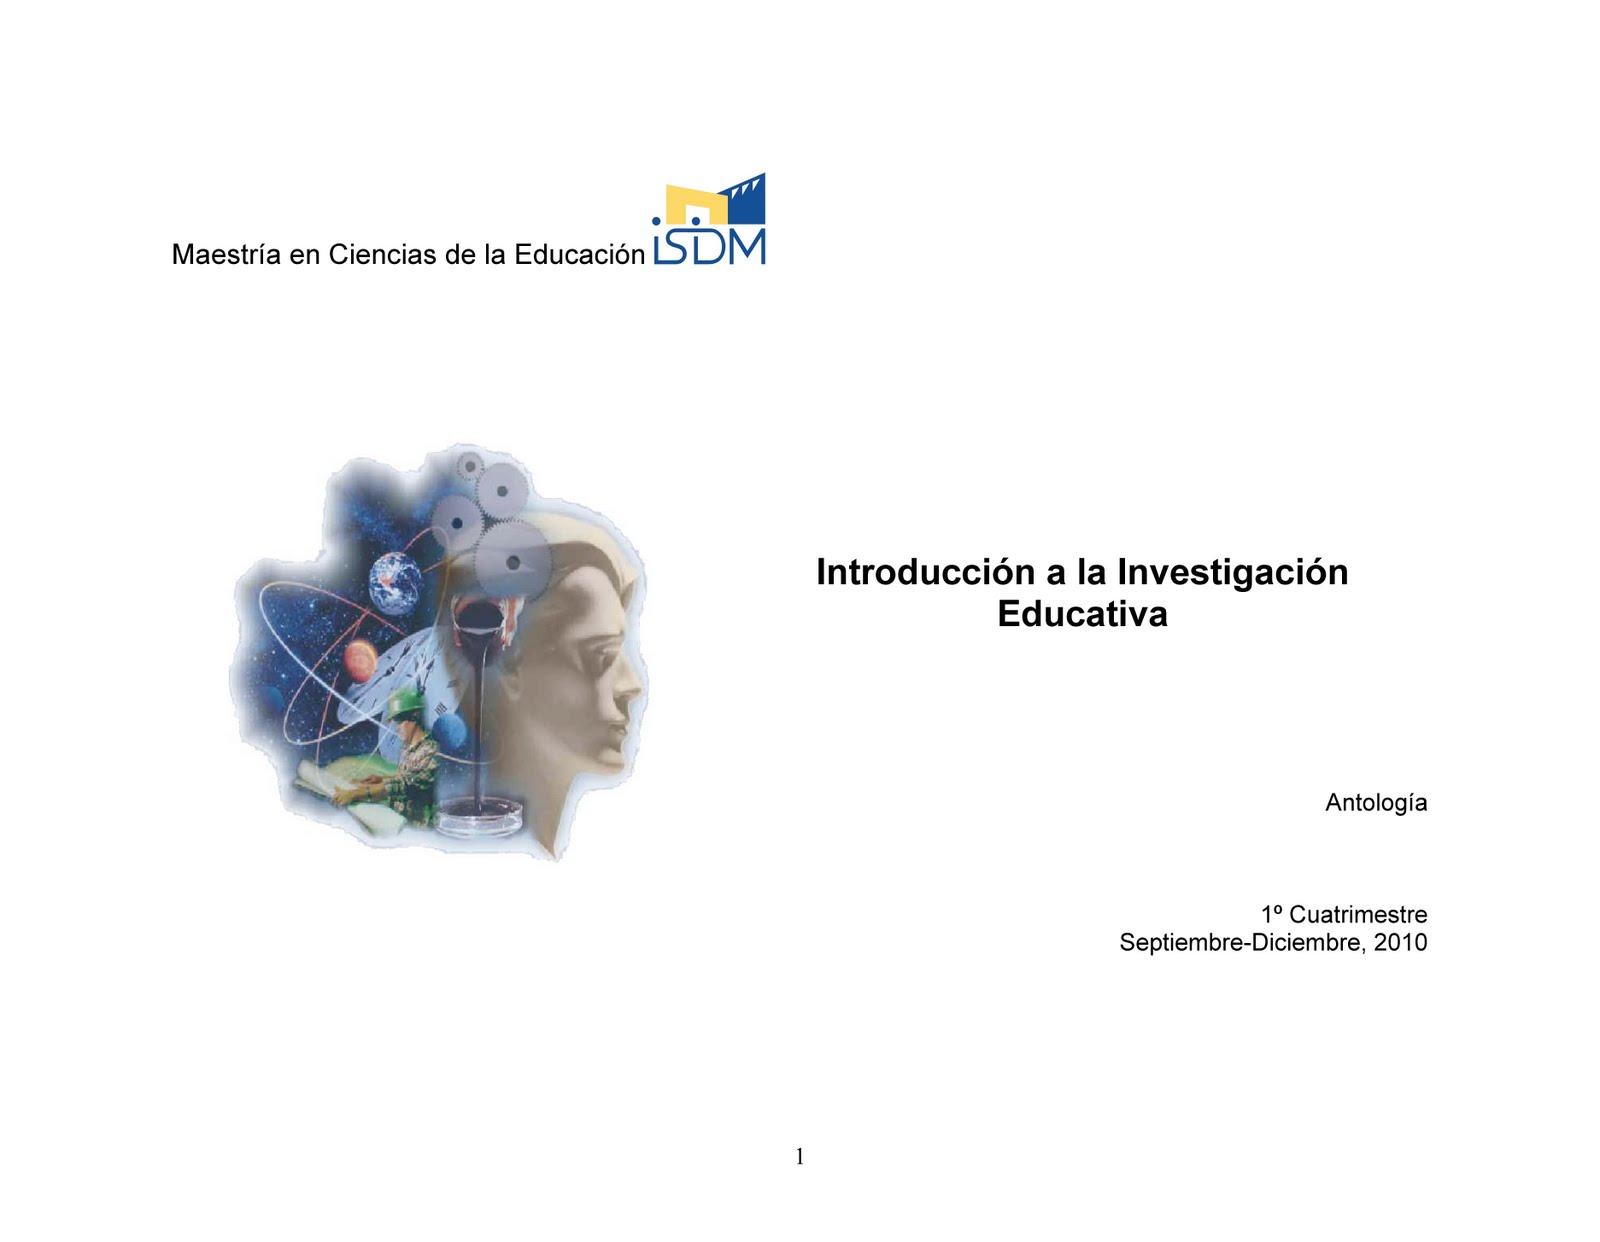 FORMANDO INVESTIGADORES: ACTIVIDAD INTRODUCTORIA- ENCUADRE